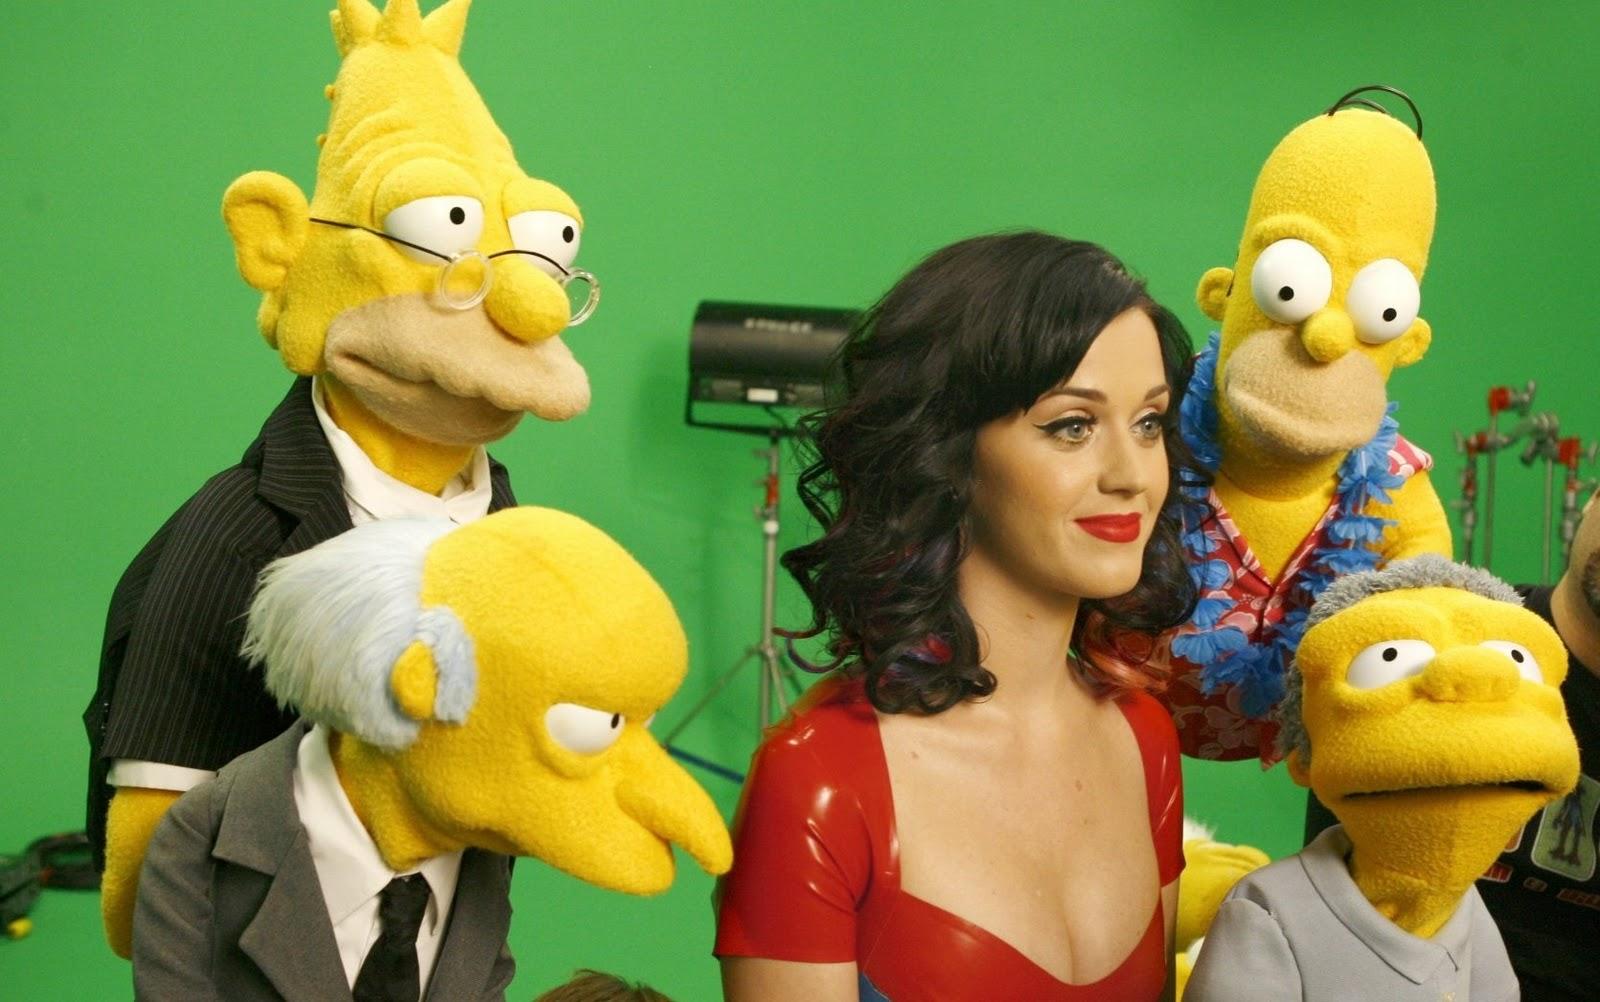 http://4.bp.blogspot.com/_z9OIyJxLgSU/TOg9bfyeIVI/AAAAAAAAJ_4/EvlgGA4z4V8/s1600/Katy-Perry-66.jpg